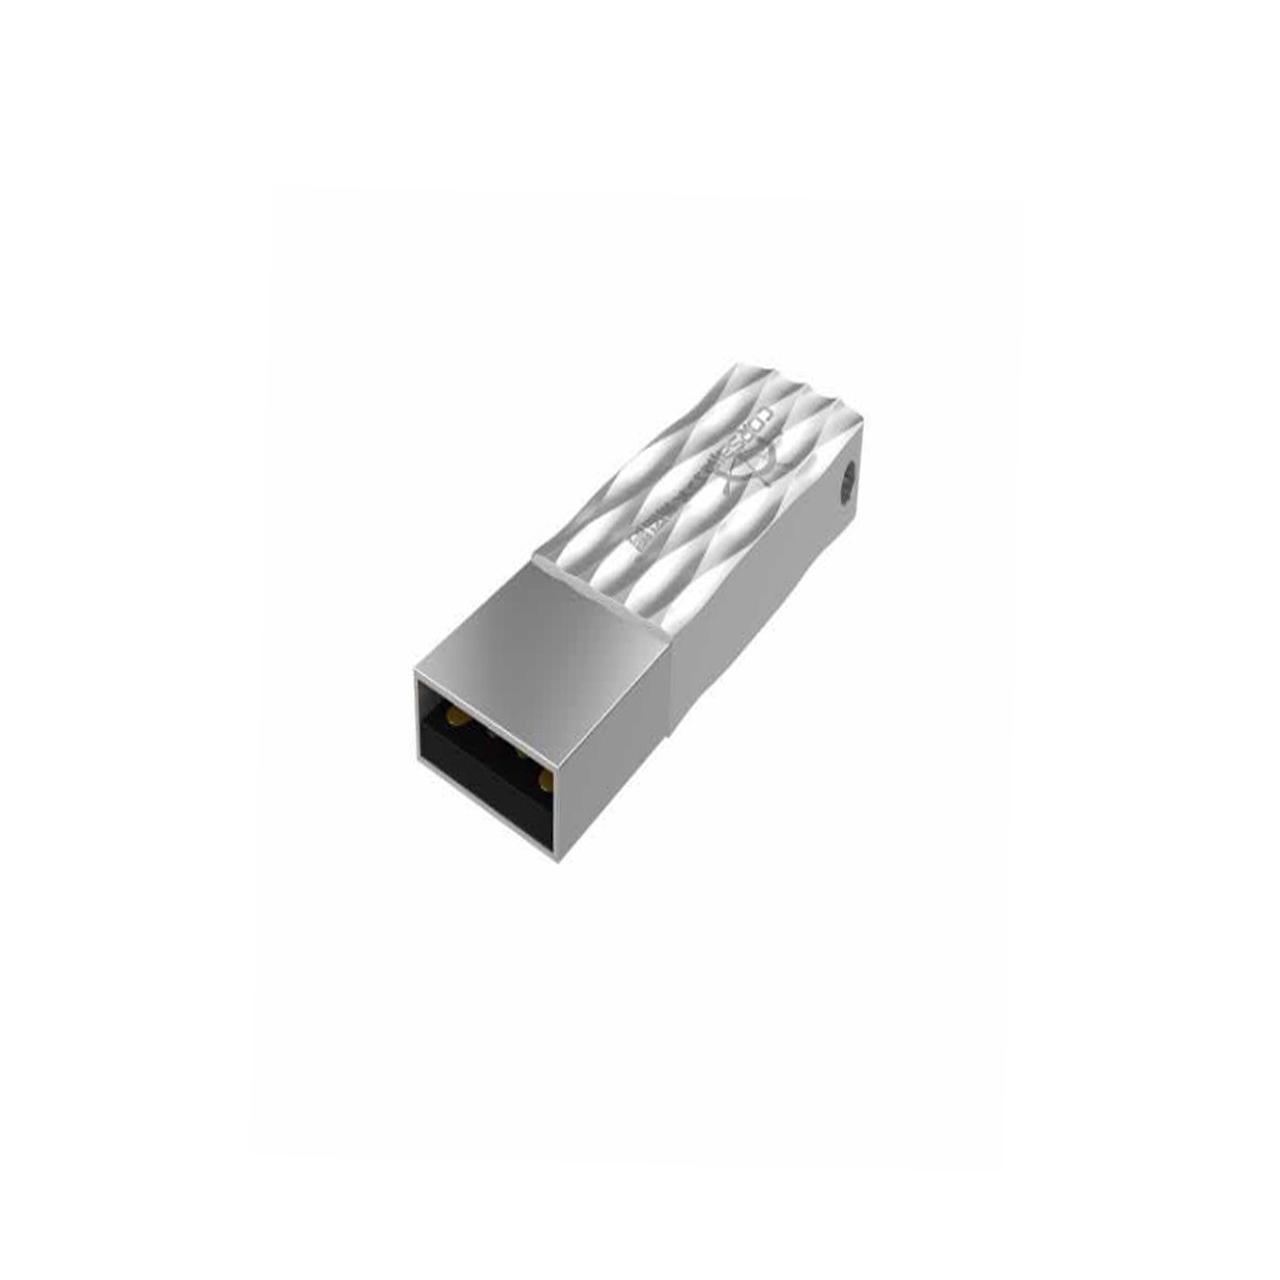 فلش مموری USB 2.0  کرسیر دی کی  مدل HT1807U1 ظرفیت 16 گیگابایت